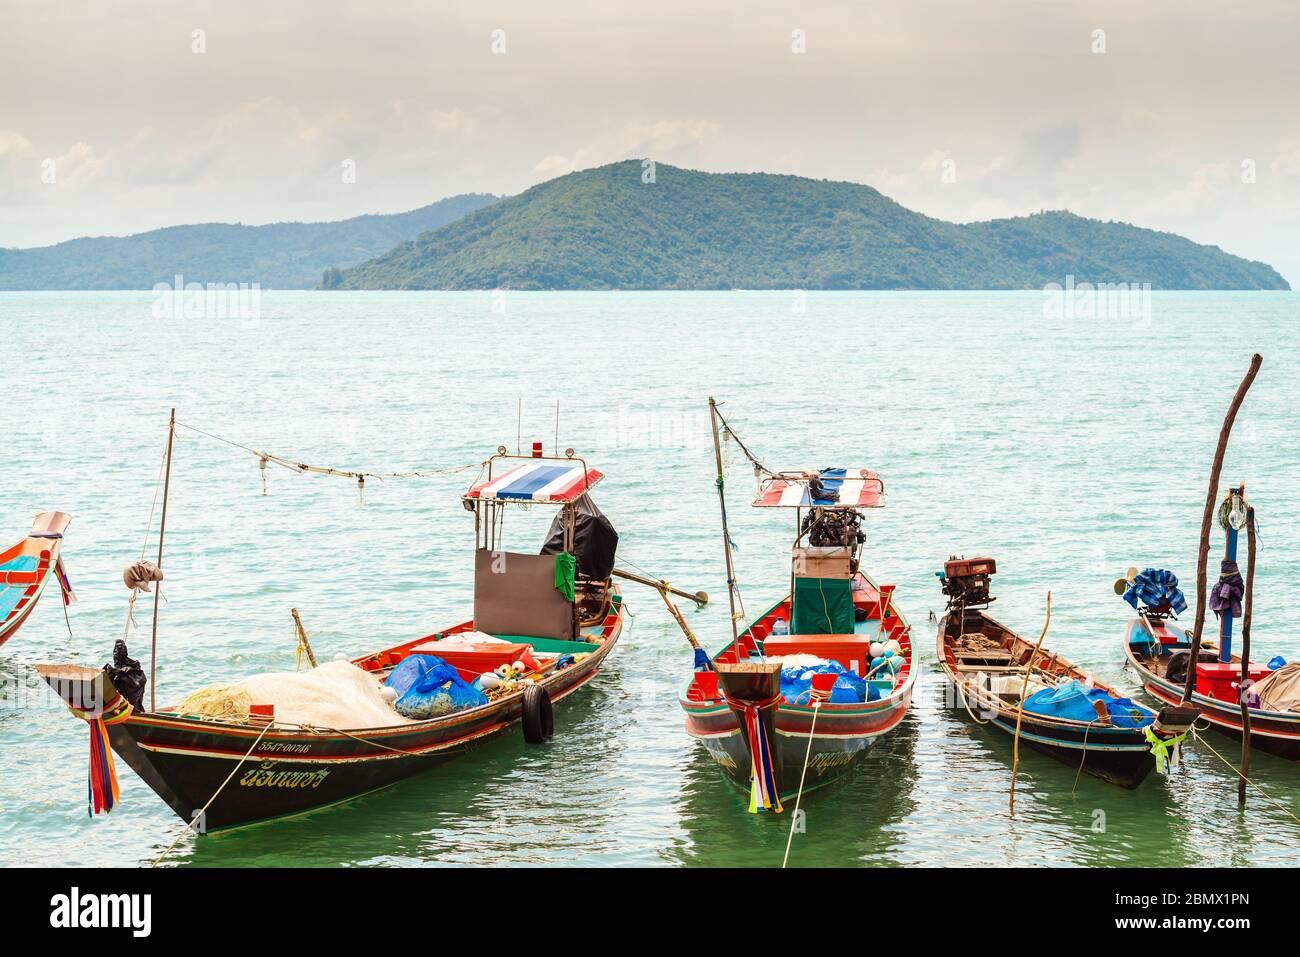 Koh Samui, Tailandia - 2 de enero de 2020: Barcos de pesca de cola larga tailandeses atracados cerca de la playa de Thong Krut en un día Foto de stock